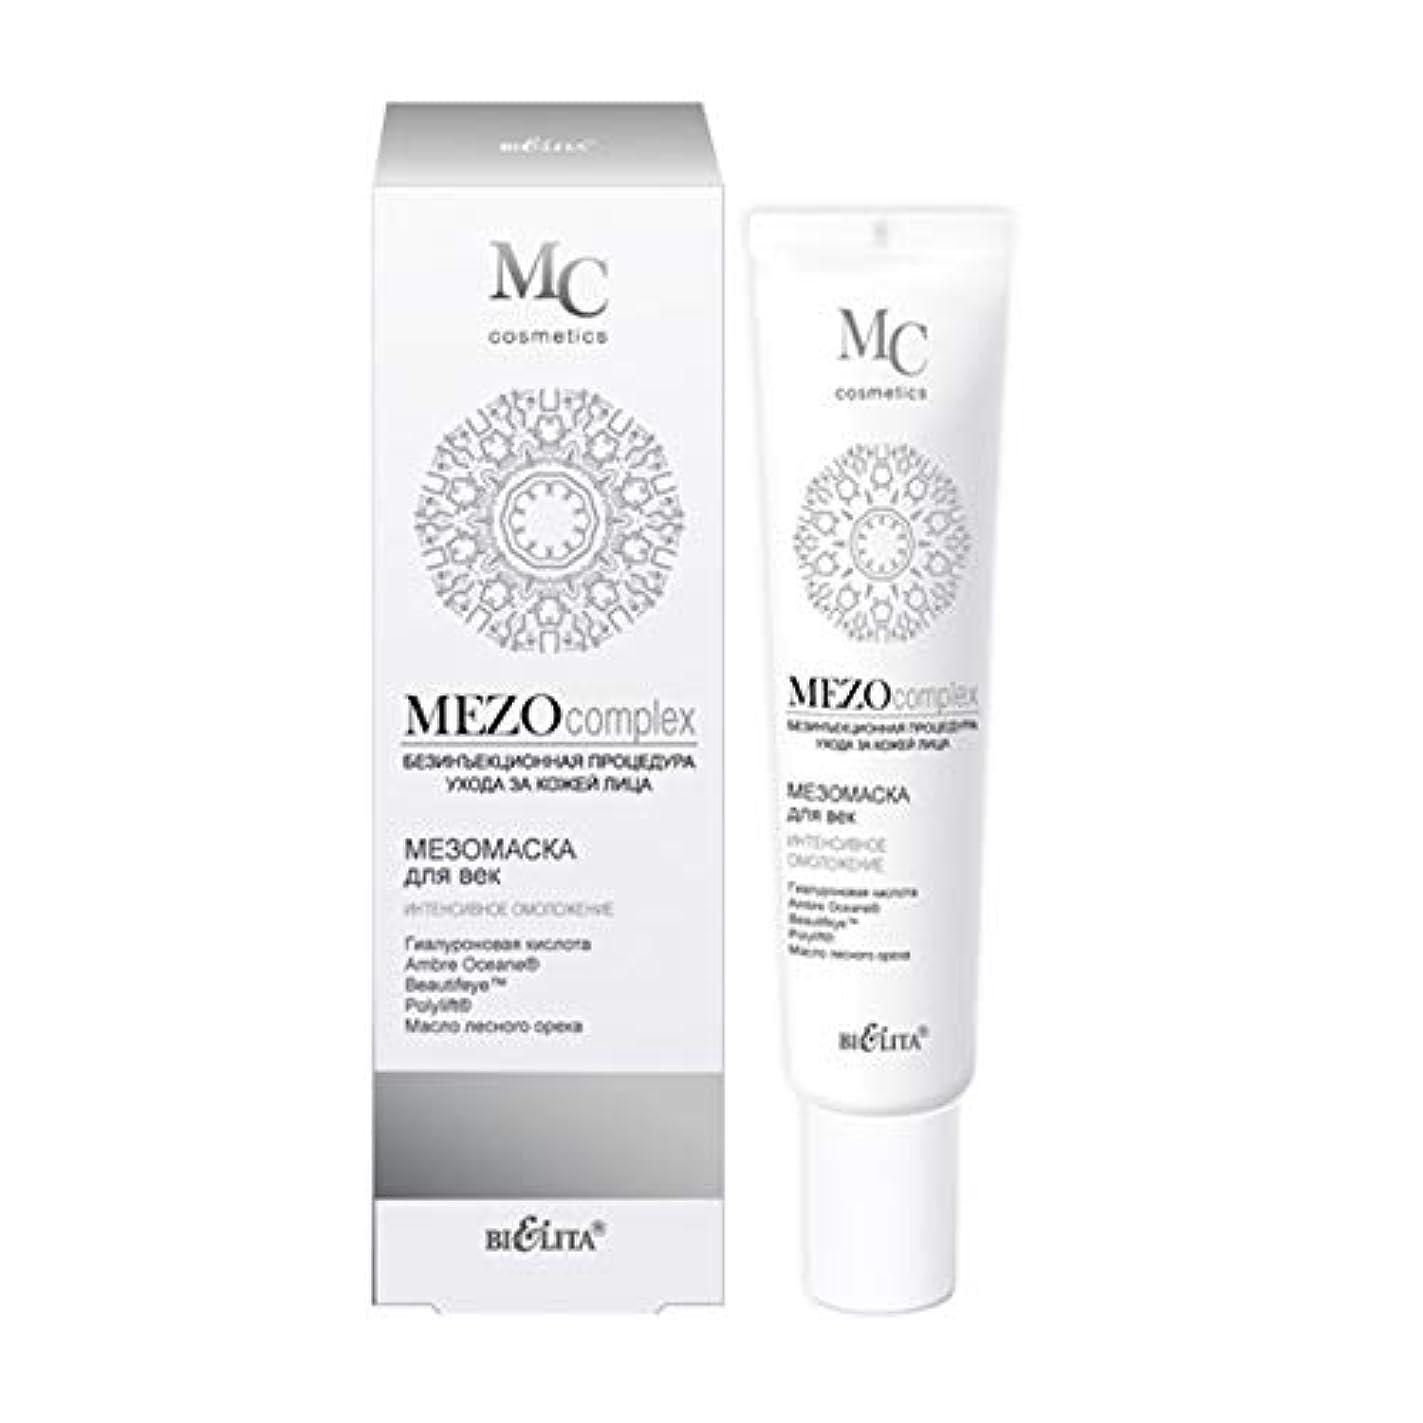 本部ナース惨めなMezo complex | Mezo MASK for eyelids | Non-injection facial skin care procedure | Hyaluronic acid | Ambre Oceane | Beautifeye | Polylift | Hazelnut oil | Active formula | 30 ml